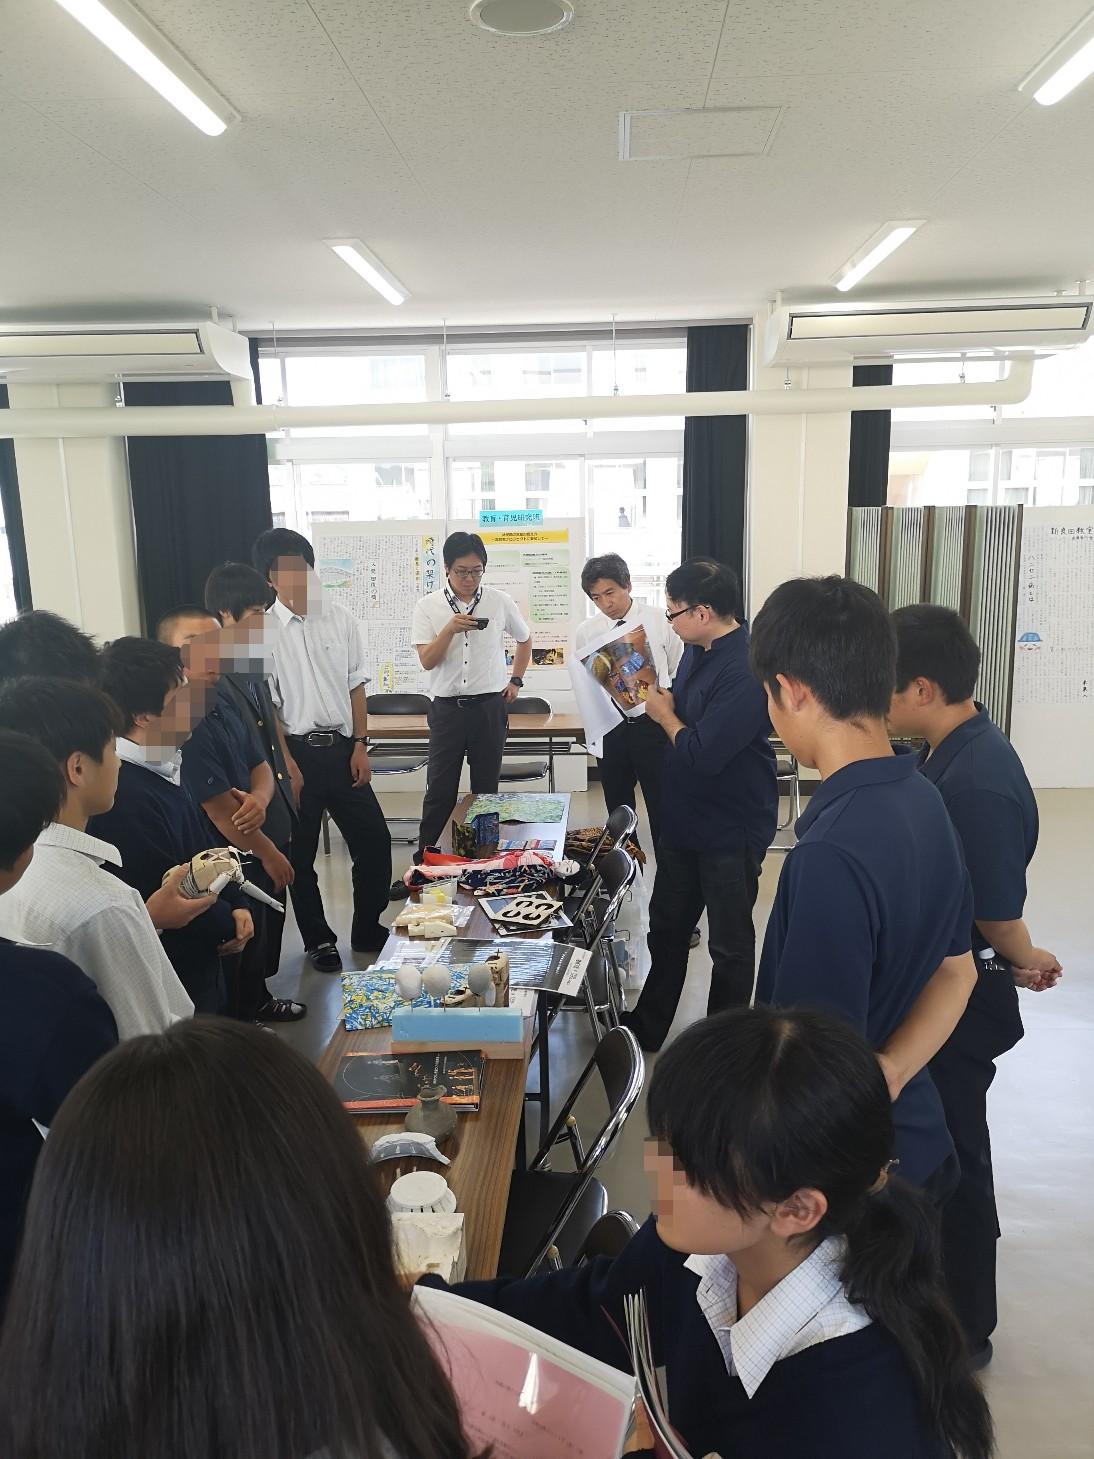 20190515_邑久高校地域学セトリー (7)